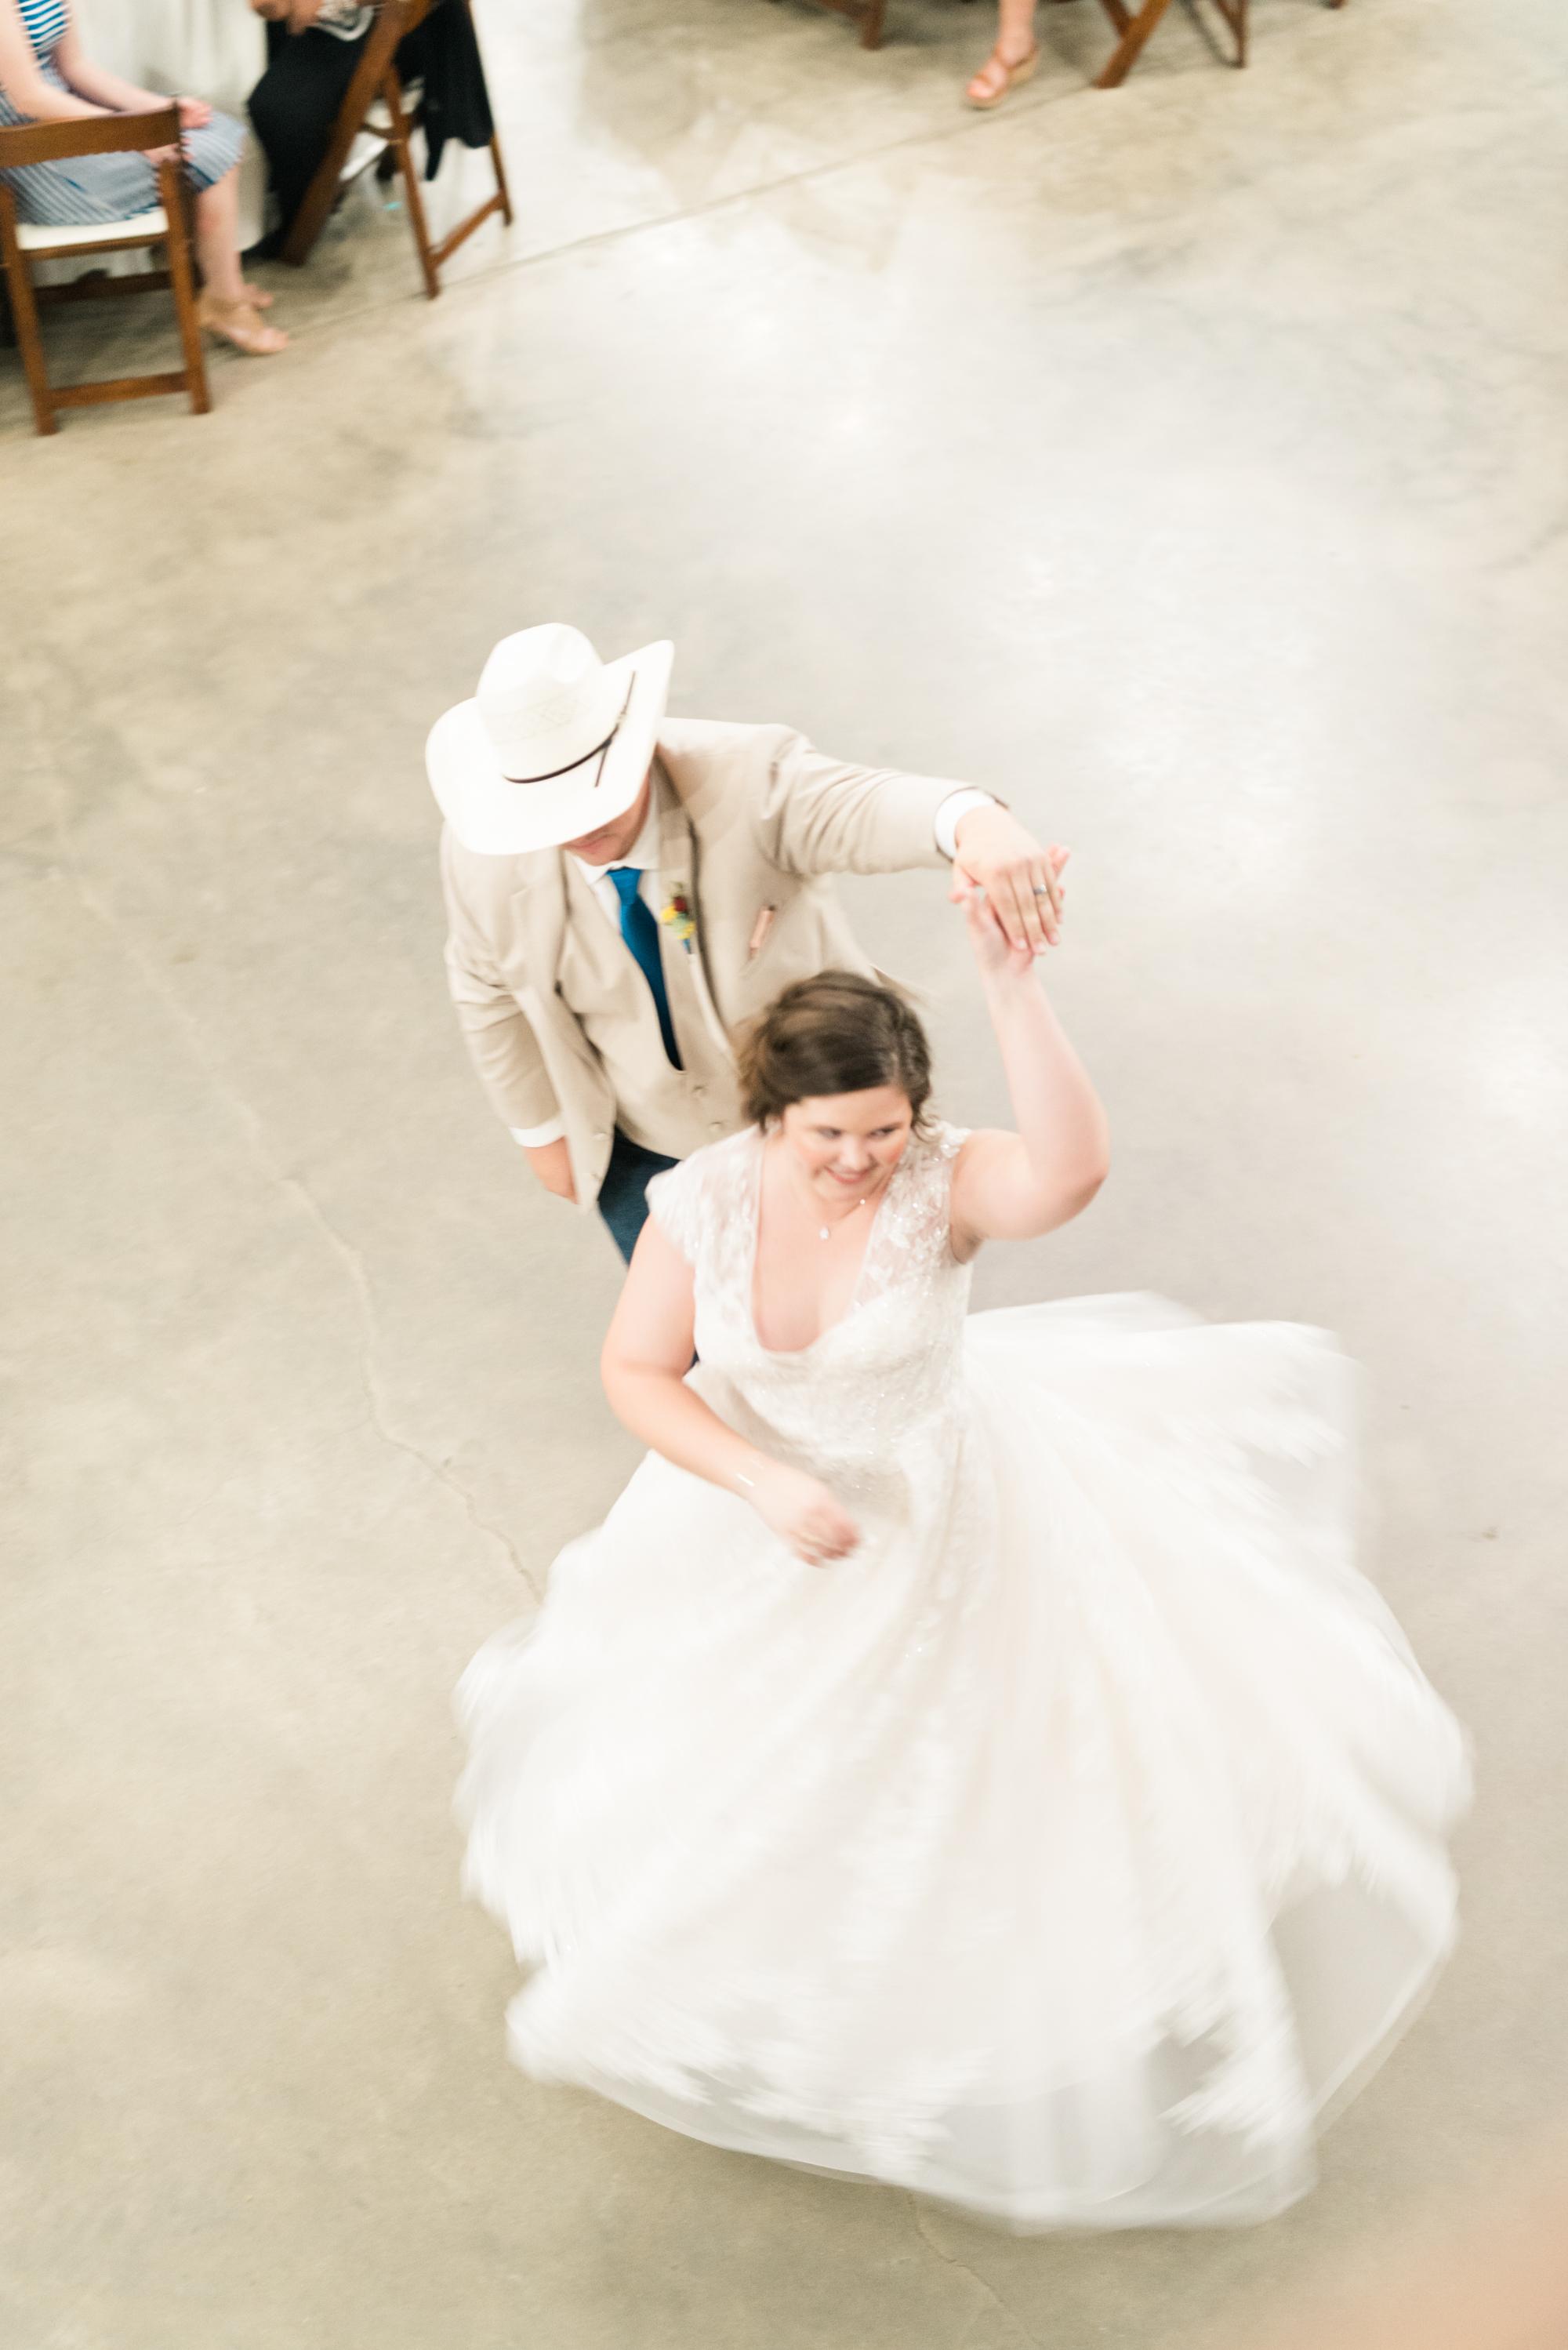 Wesley-Wedding-Ten23-Photography-672.jpg